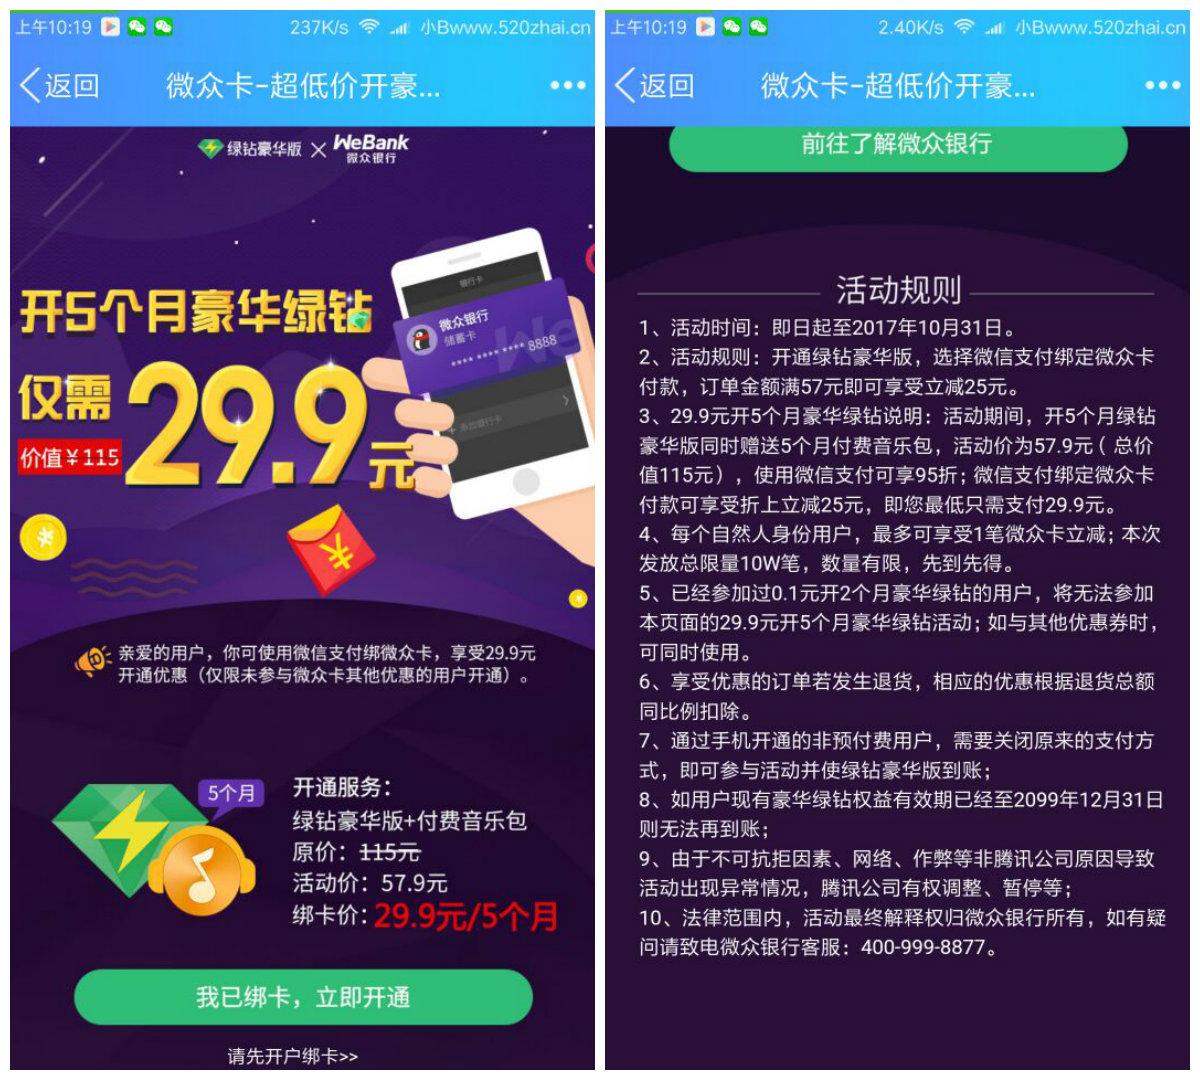 微众银行29.9元开5月豪华绿钻